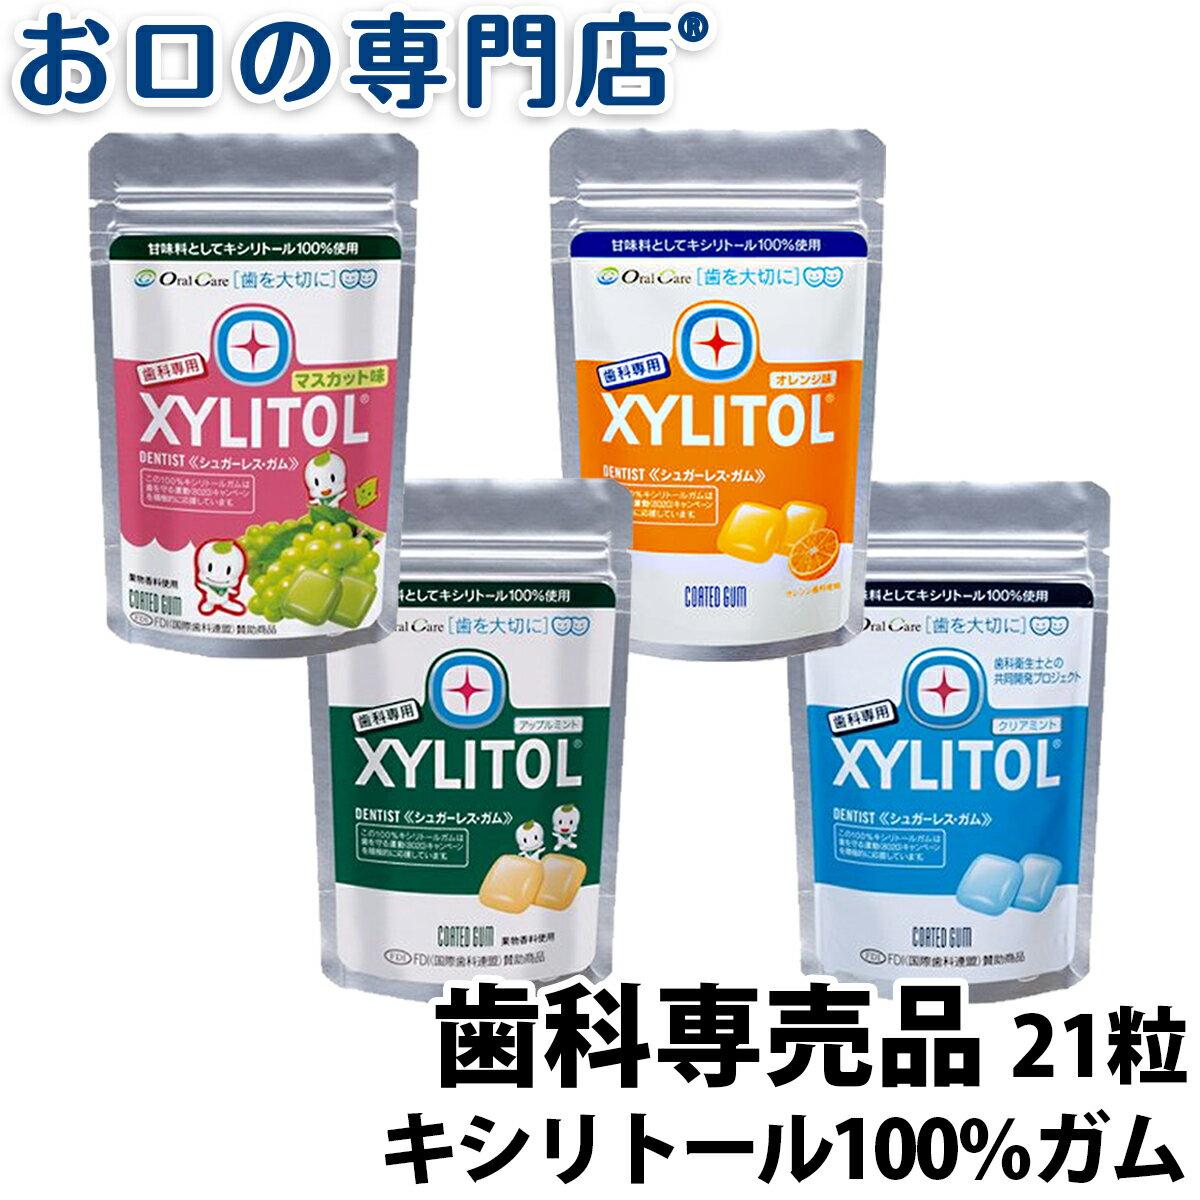 ロッテ キシリトールガム ラミチャック21粒【メール便OK】 歯科専売品